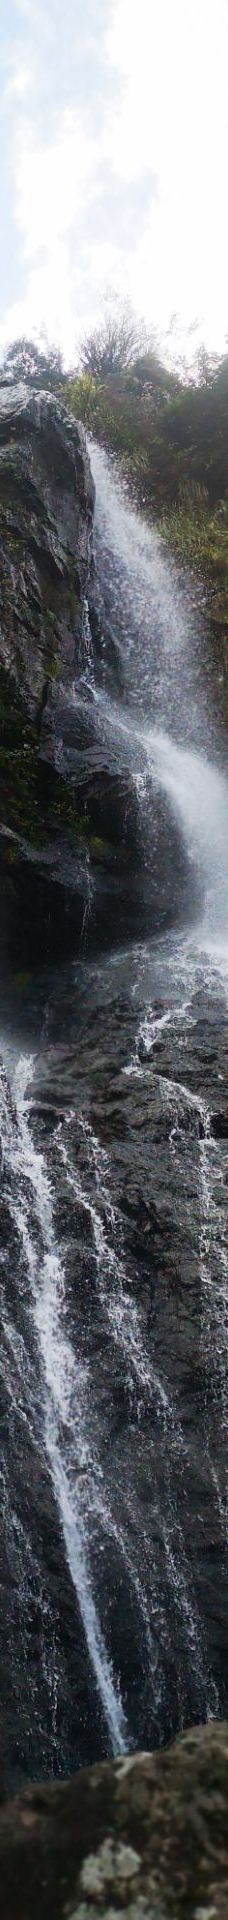 鸳鸯溪-宁德